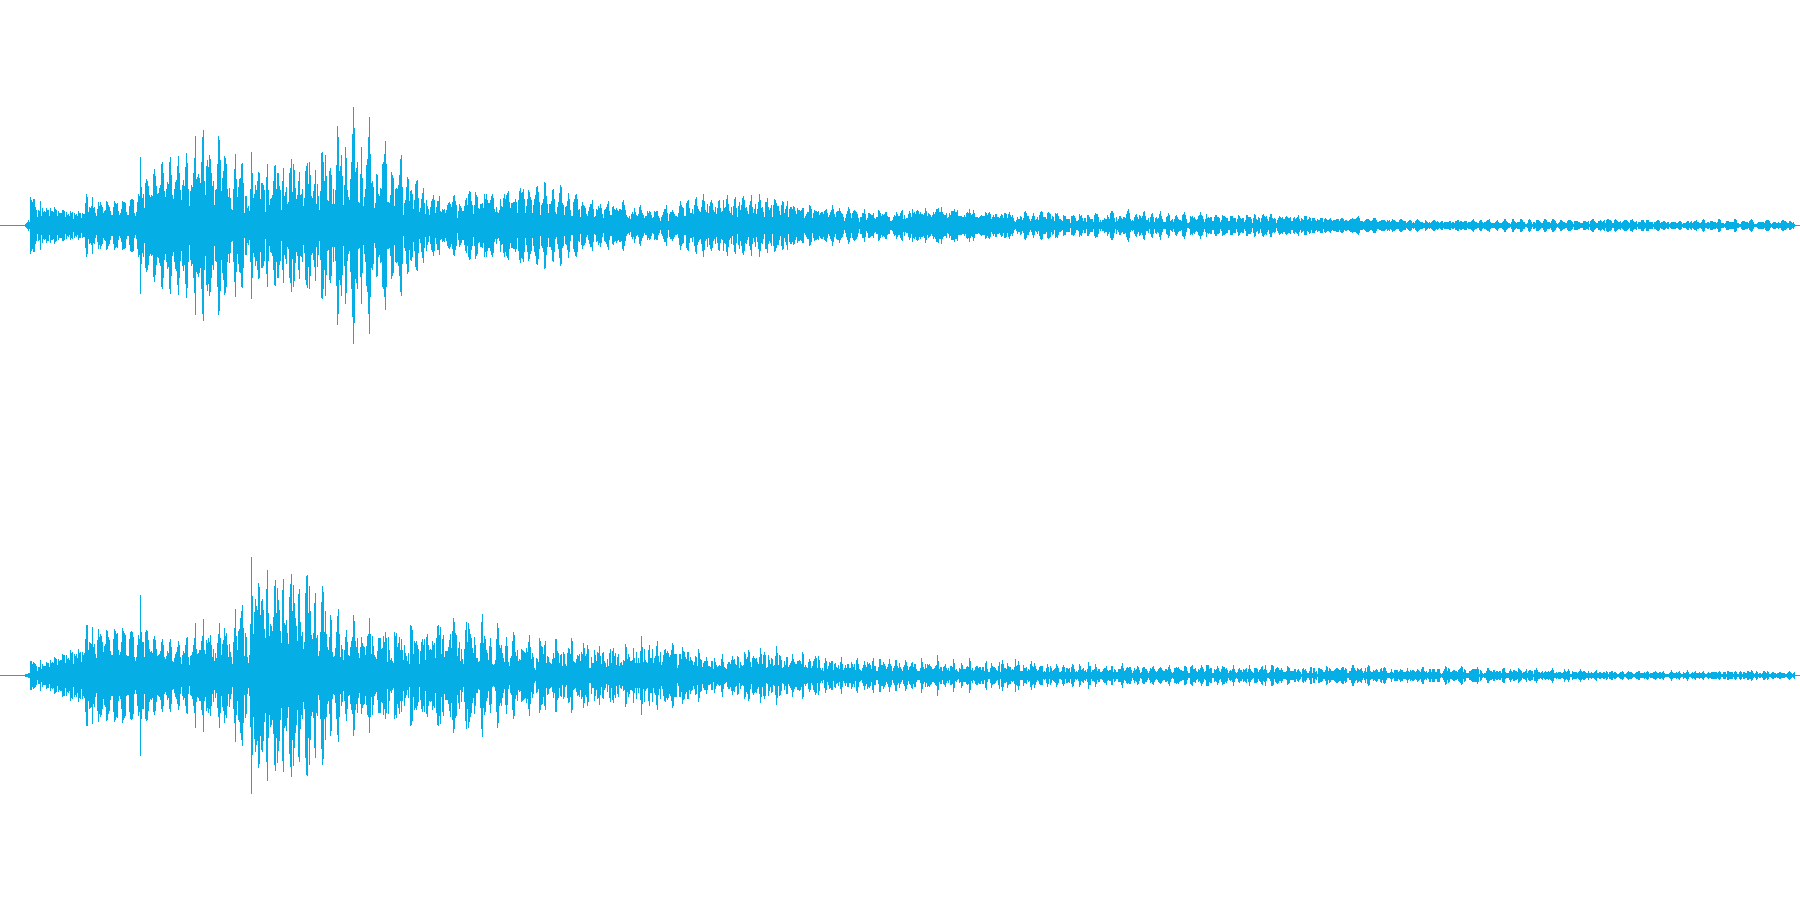 明るい雰囲気の「ぽろろん」という効果音…の再生済みの波形